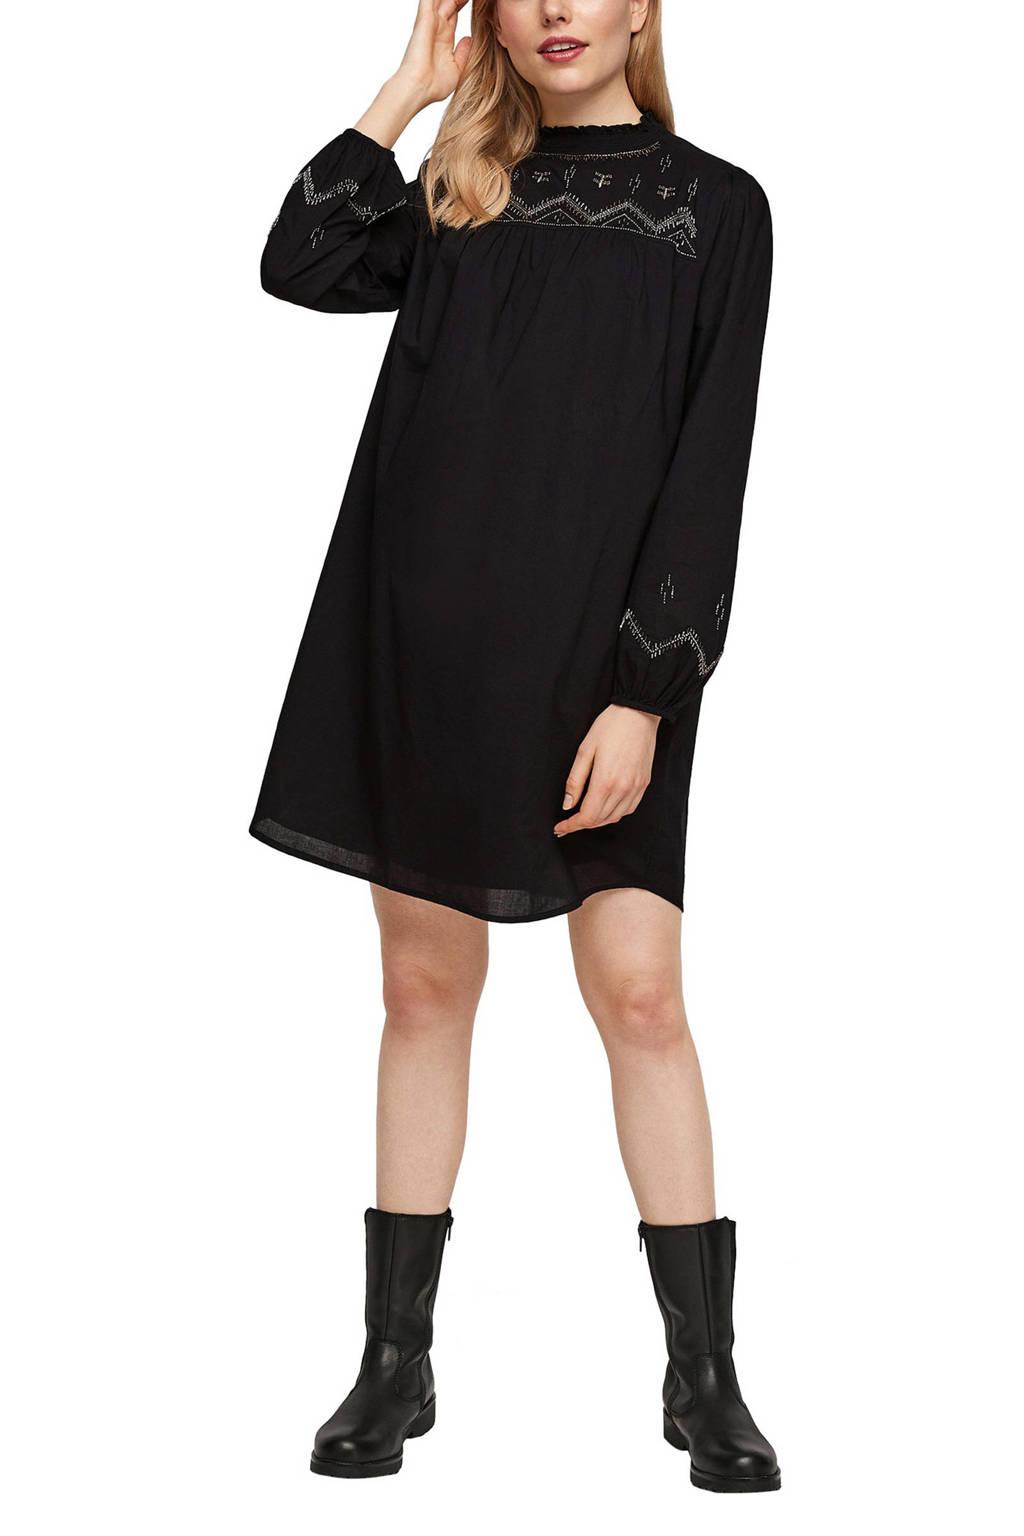 s.Oliver jurk met kraaltjes zwart, Zwart